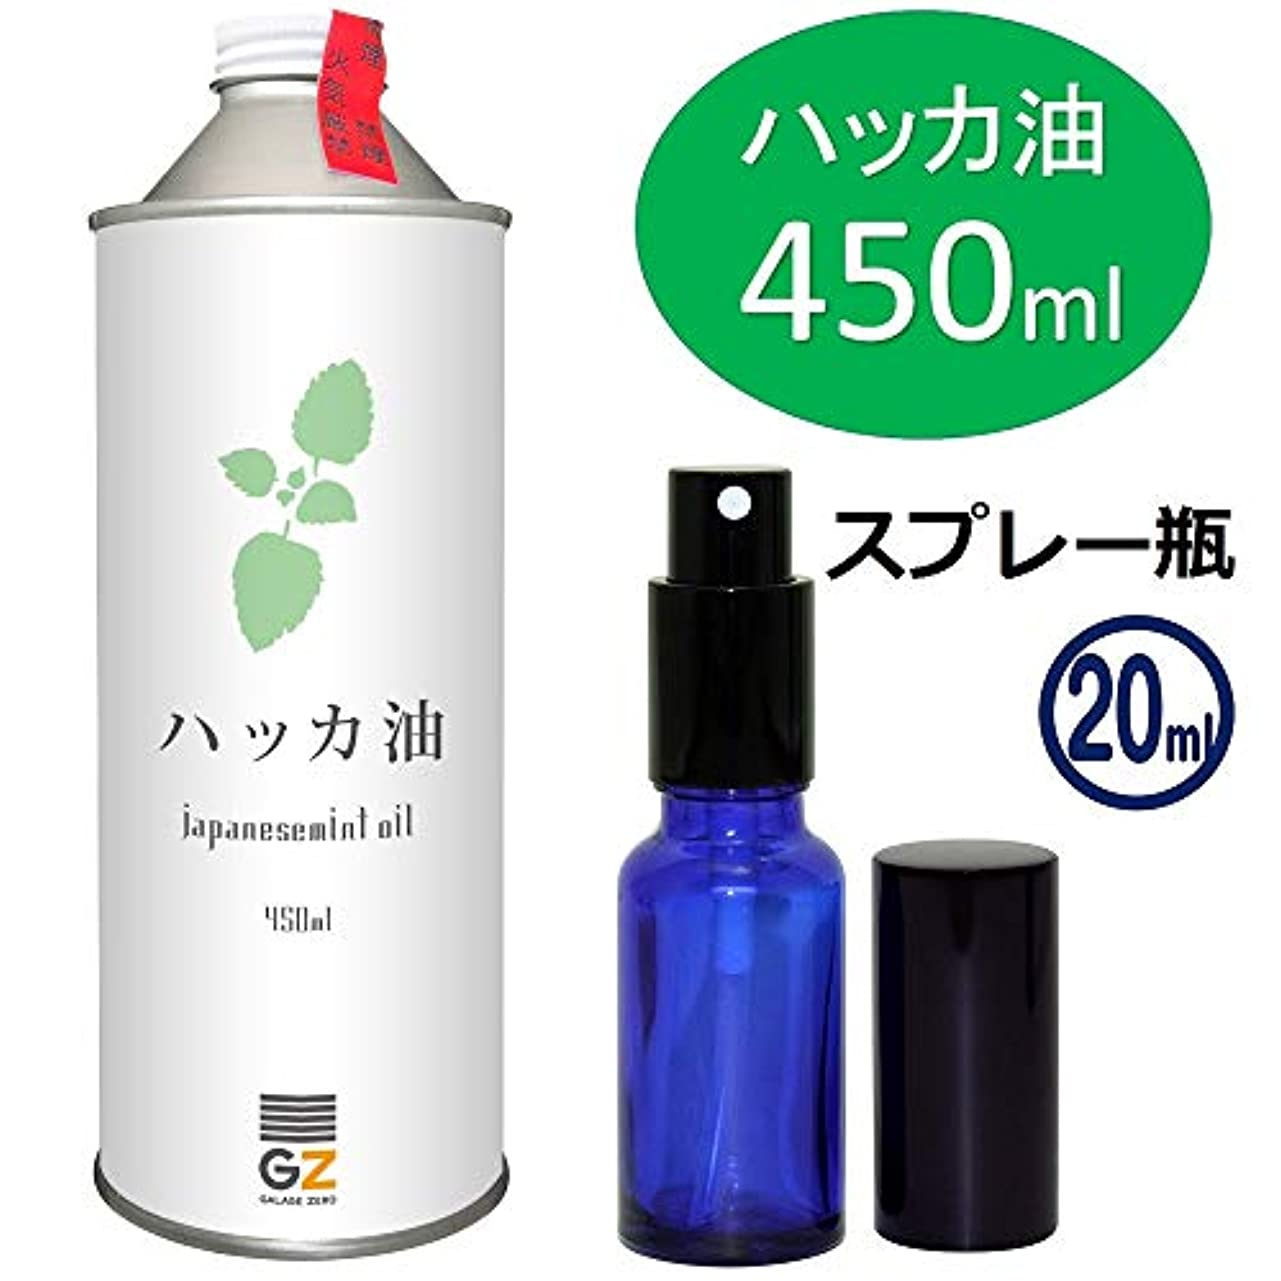 ポケット不毛代数ガレージ?ゼロ ハッカ油 450ml(GZAK13)+ガラス瓶 スプレーボトル20ml/和種薄荷/ジャパニーズミント GSE534